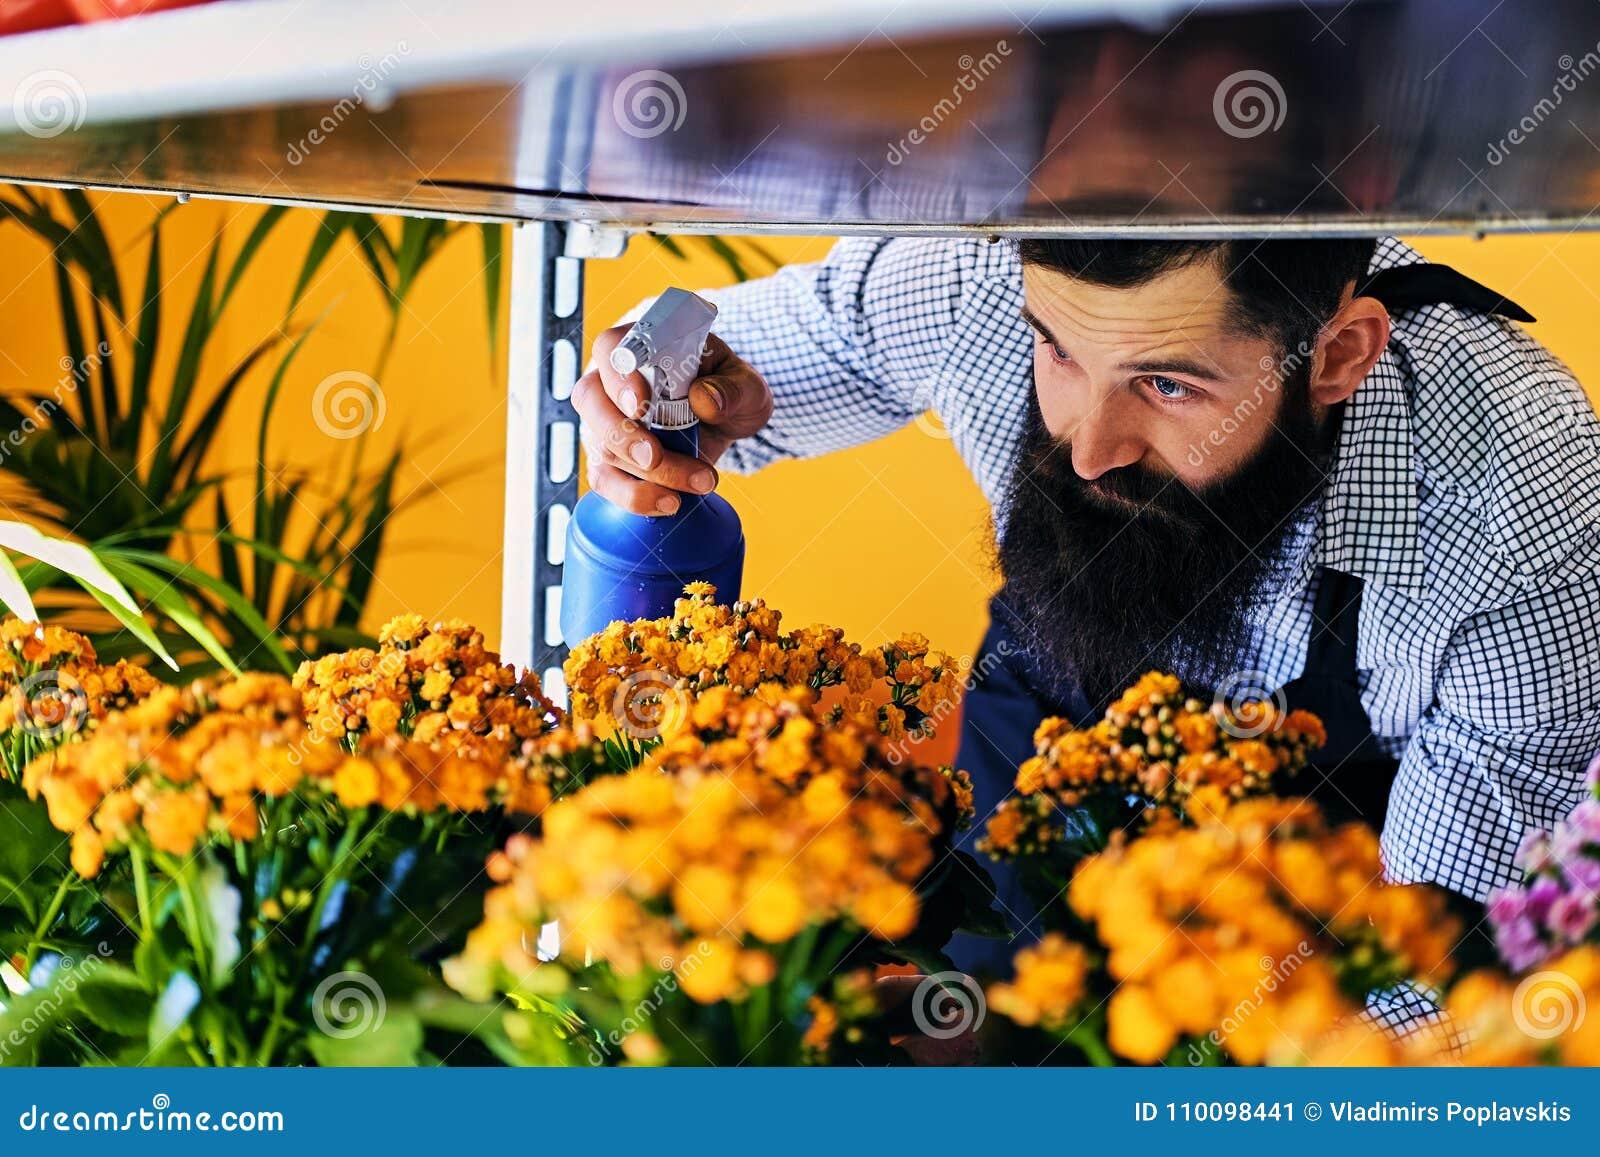 Βάναυσος γενειοφόρος πωλητής λουλουδιών με τις δερματοστιξίες στα όπλα του σε ένα flowe